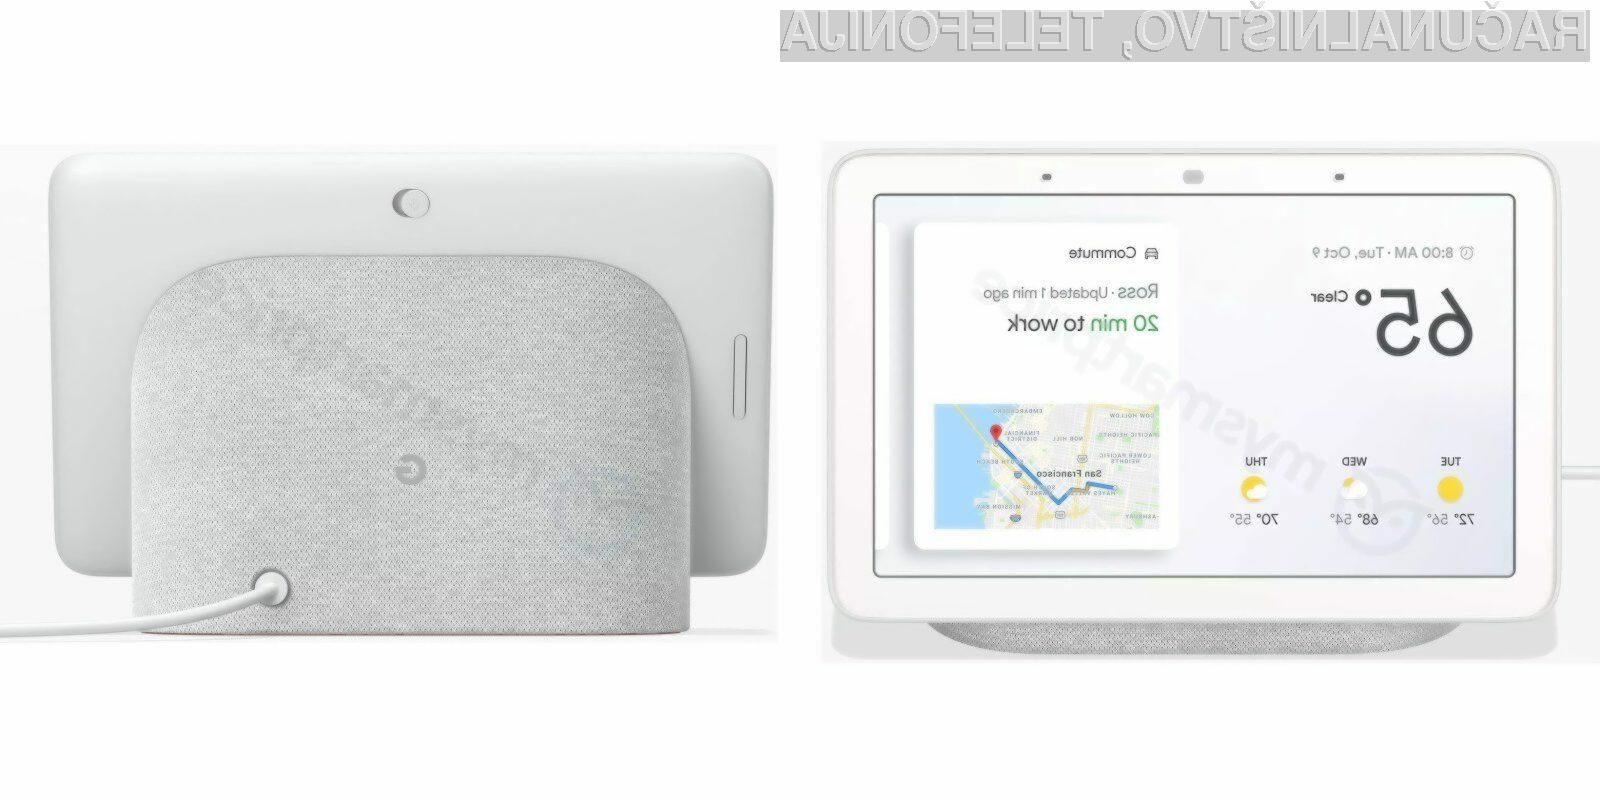 Google Home Hub bo v svetu pametnih zvočnikov dejansko nekaj posebnega.